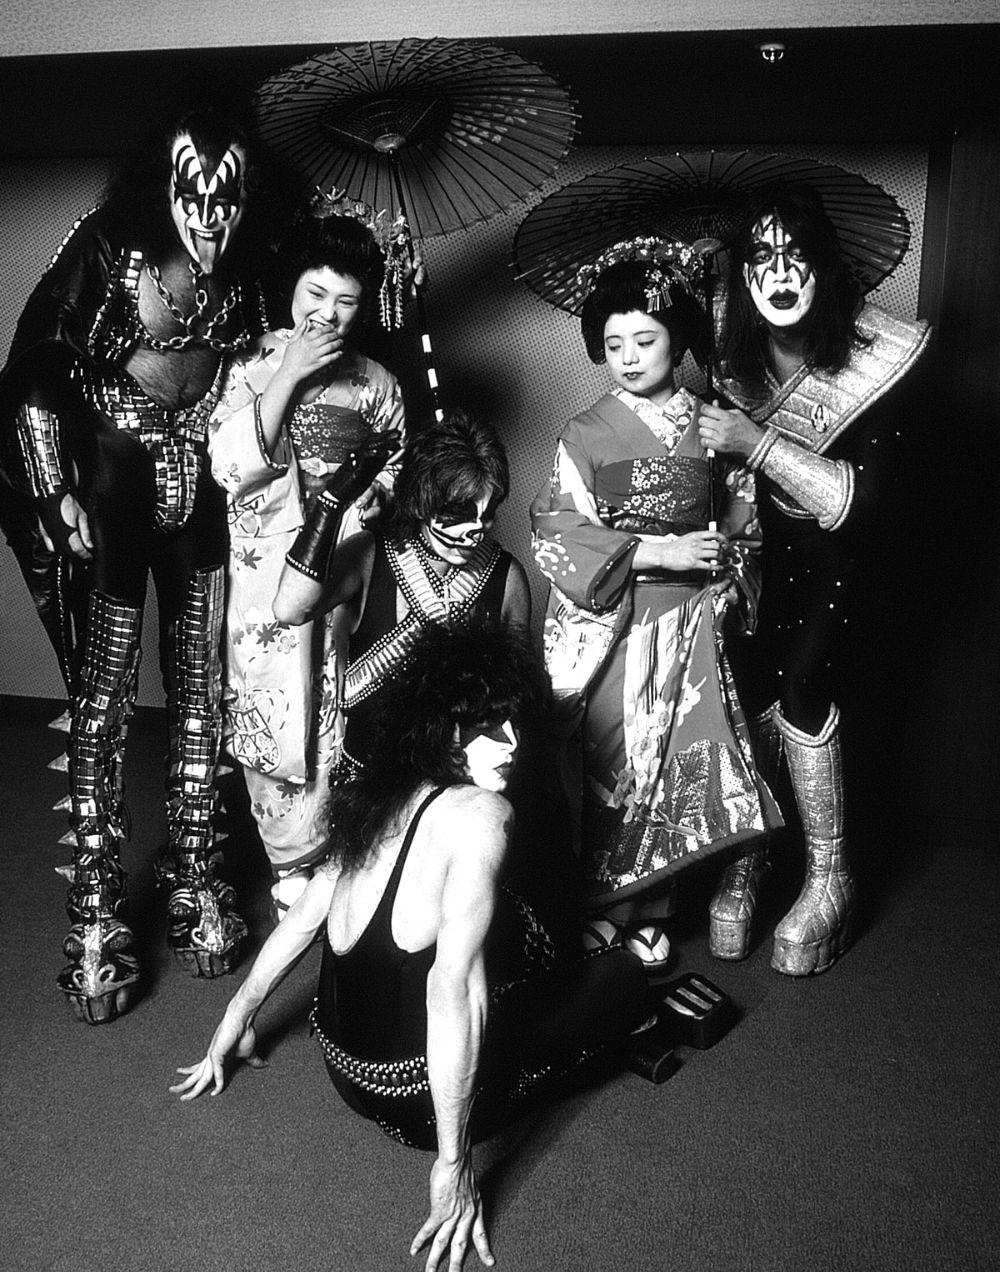 Как «Led Zeppelin», «Queen», Дэвид Боуи и другие рок-звёзды ездили по Японии в 1970-80-х годах 4